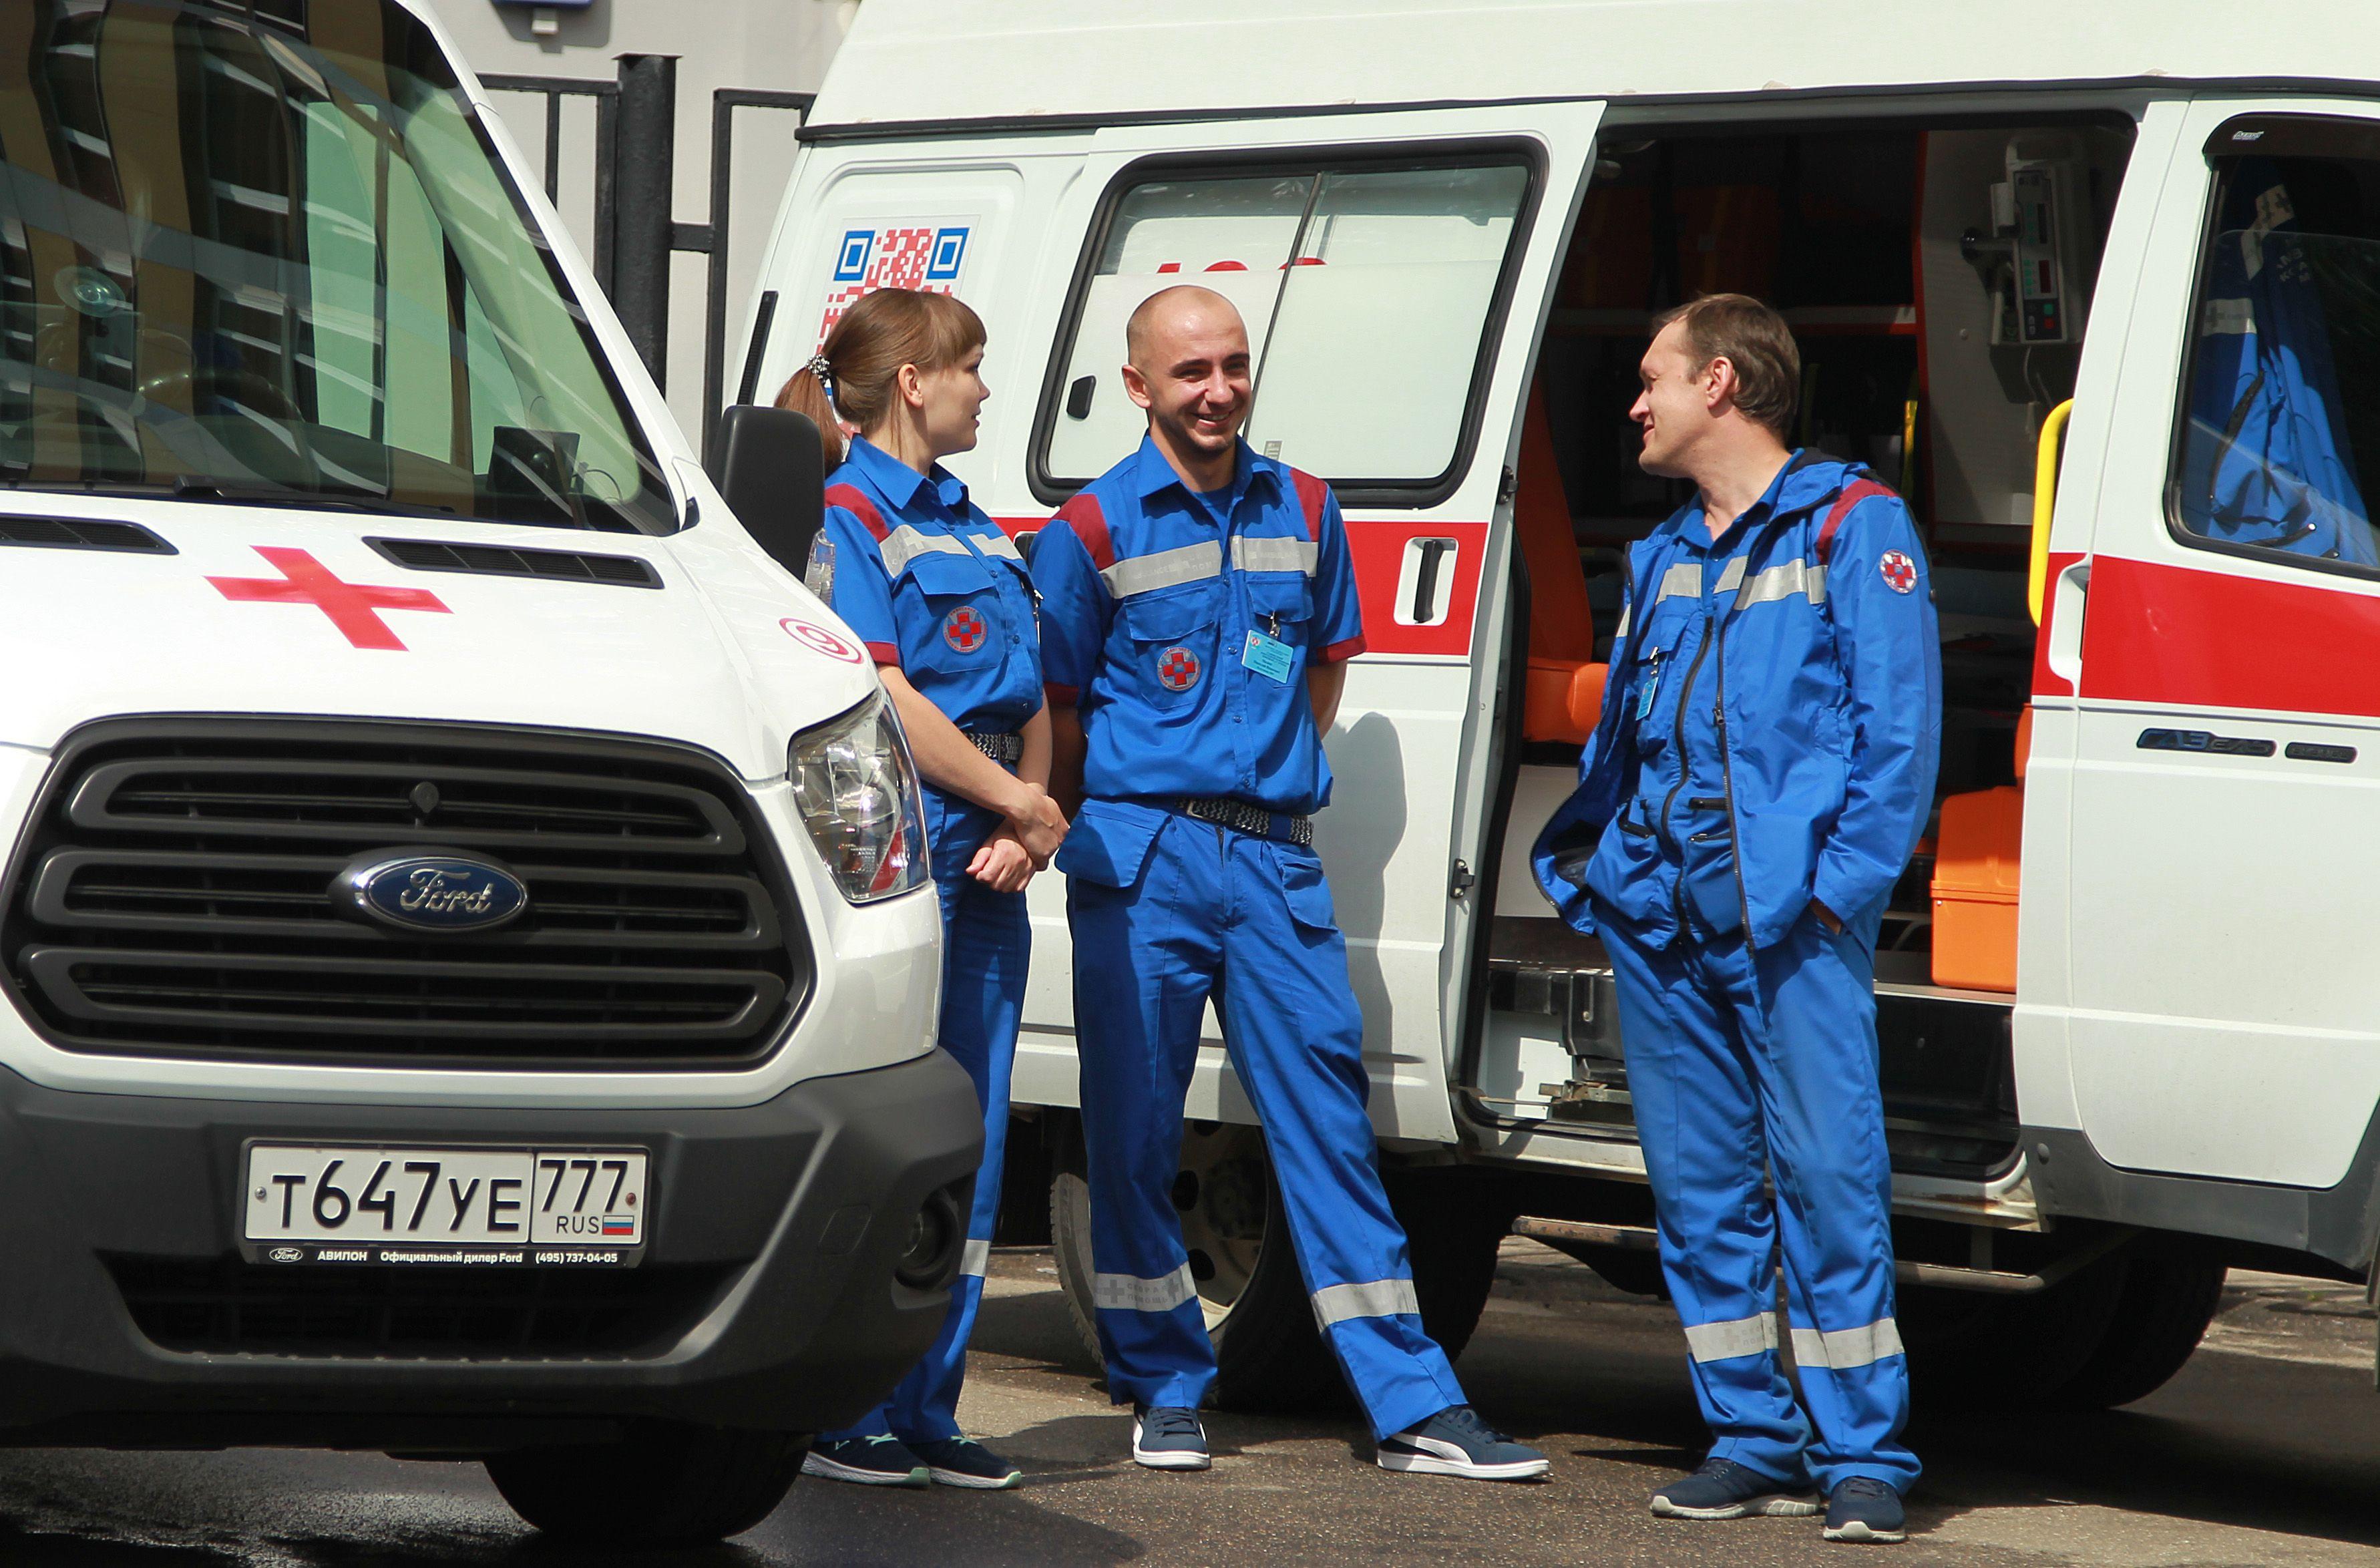 Подстанцию скорой помощи в Московском построят на 20 машино-мест